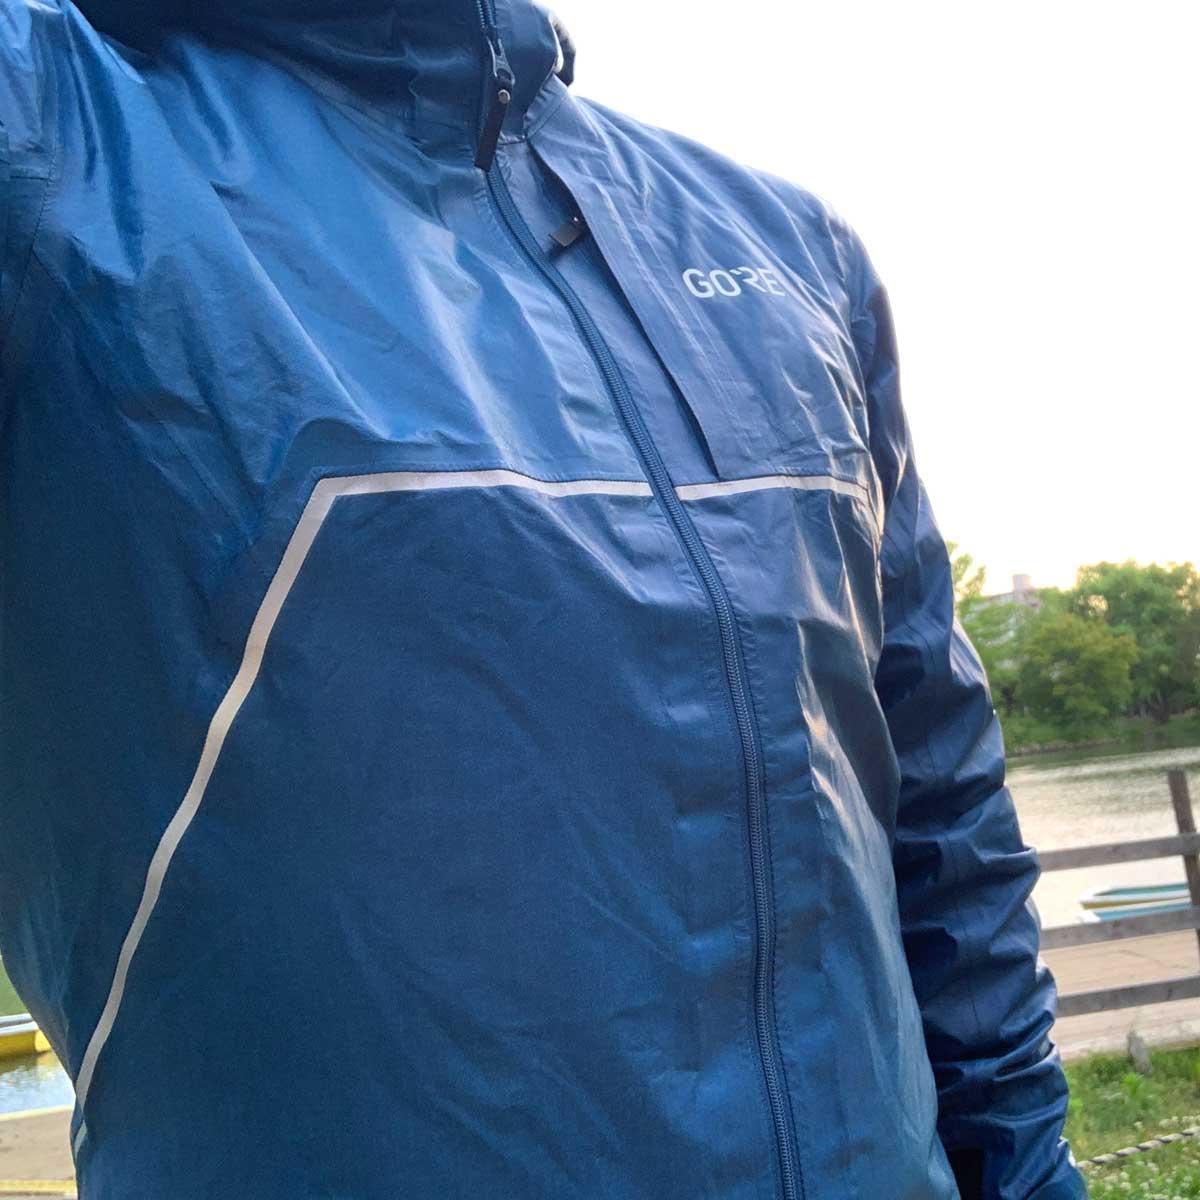 高い、でも超有能! 水を弾きまくるゴアテックスの雨天時向けジャケット